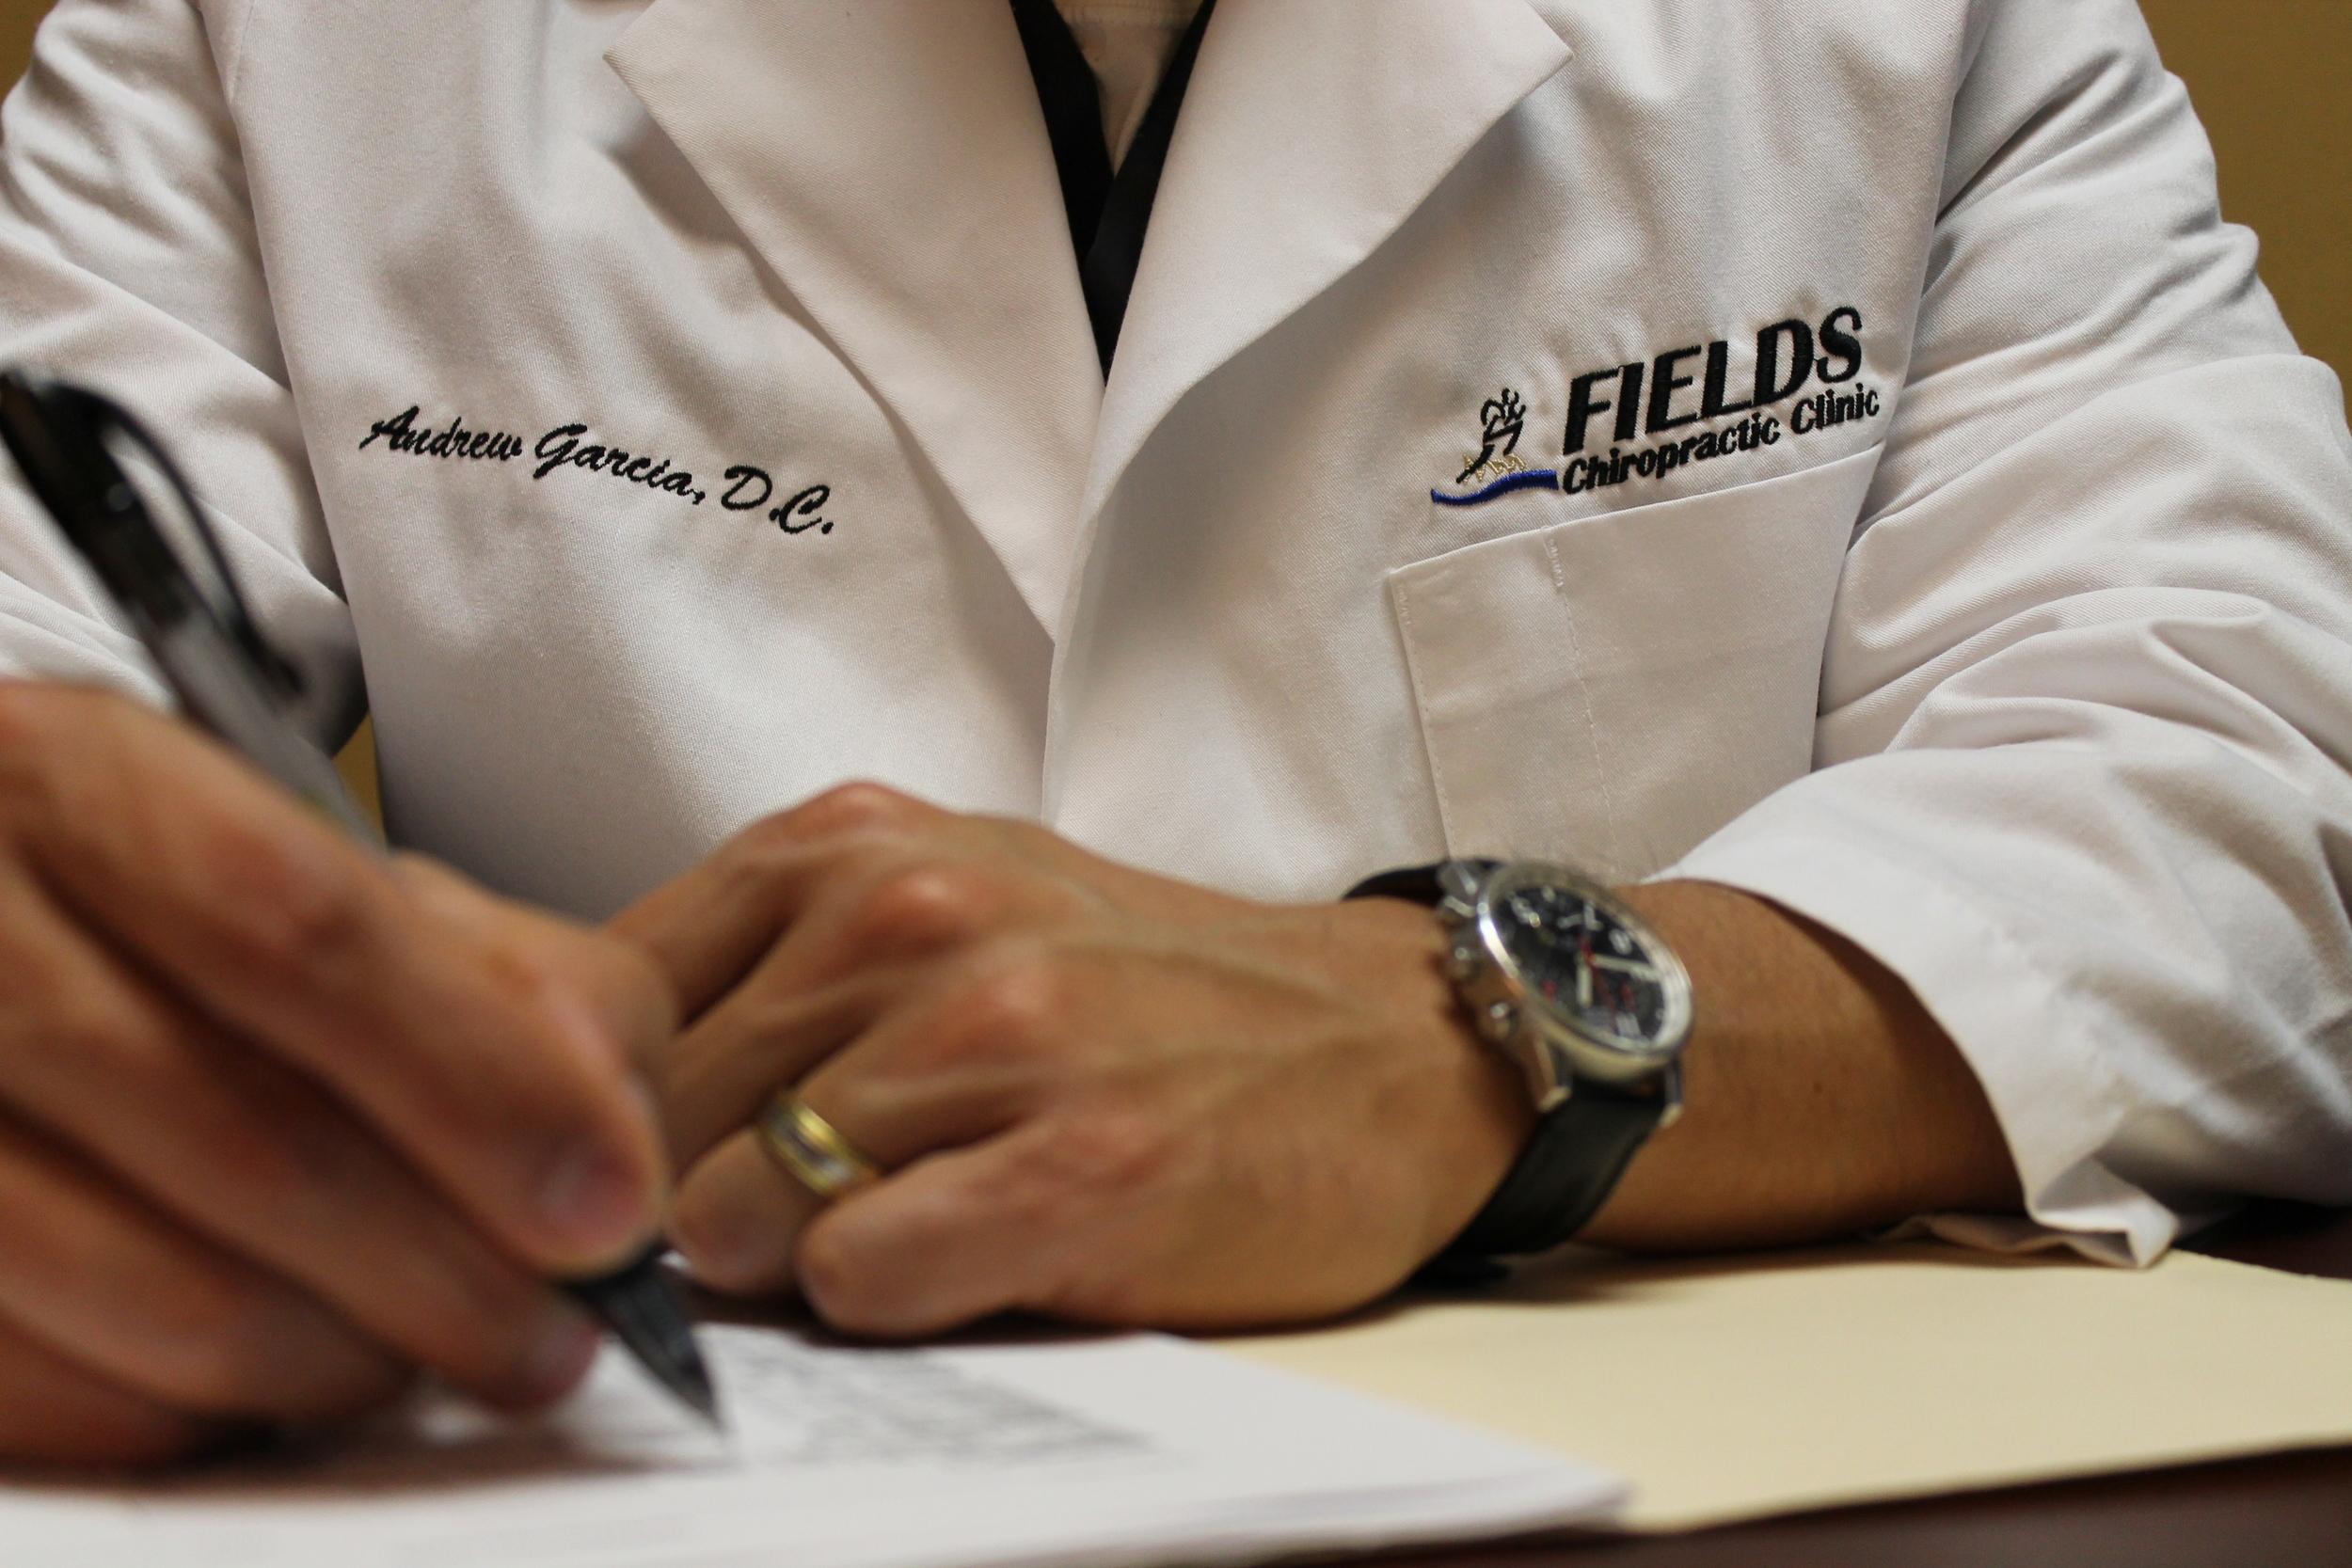 Meet Dr. Garcia